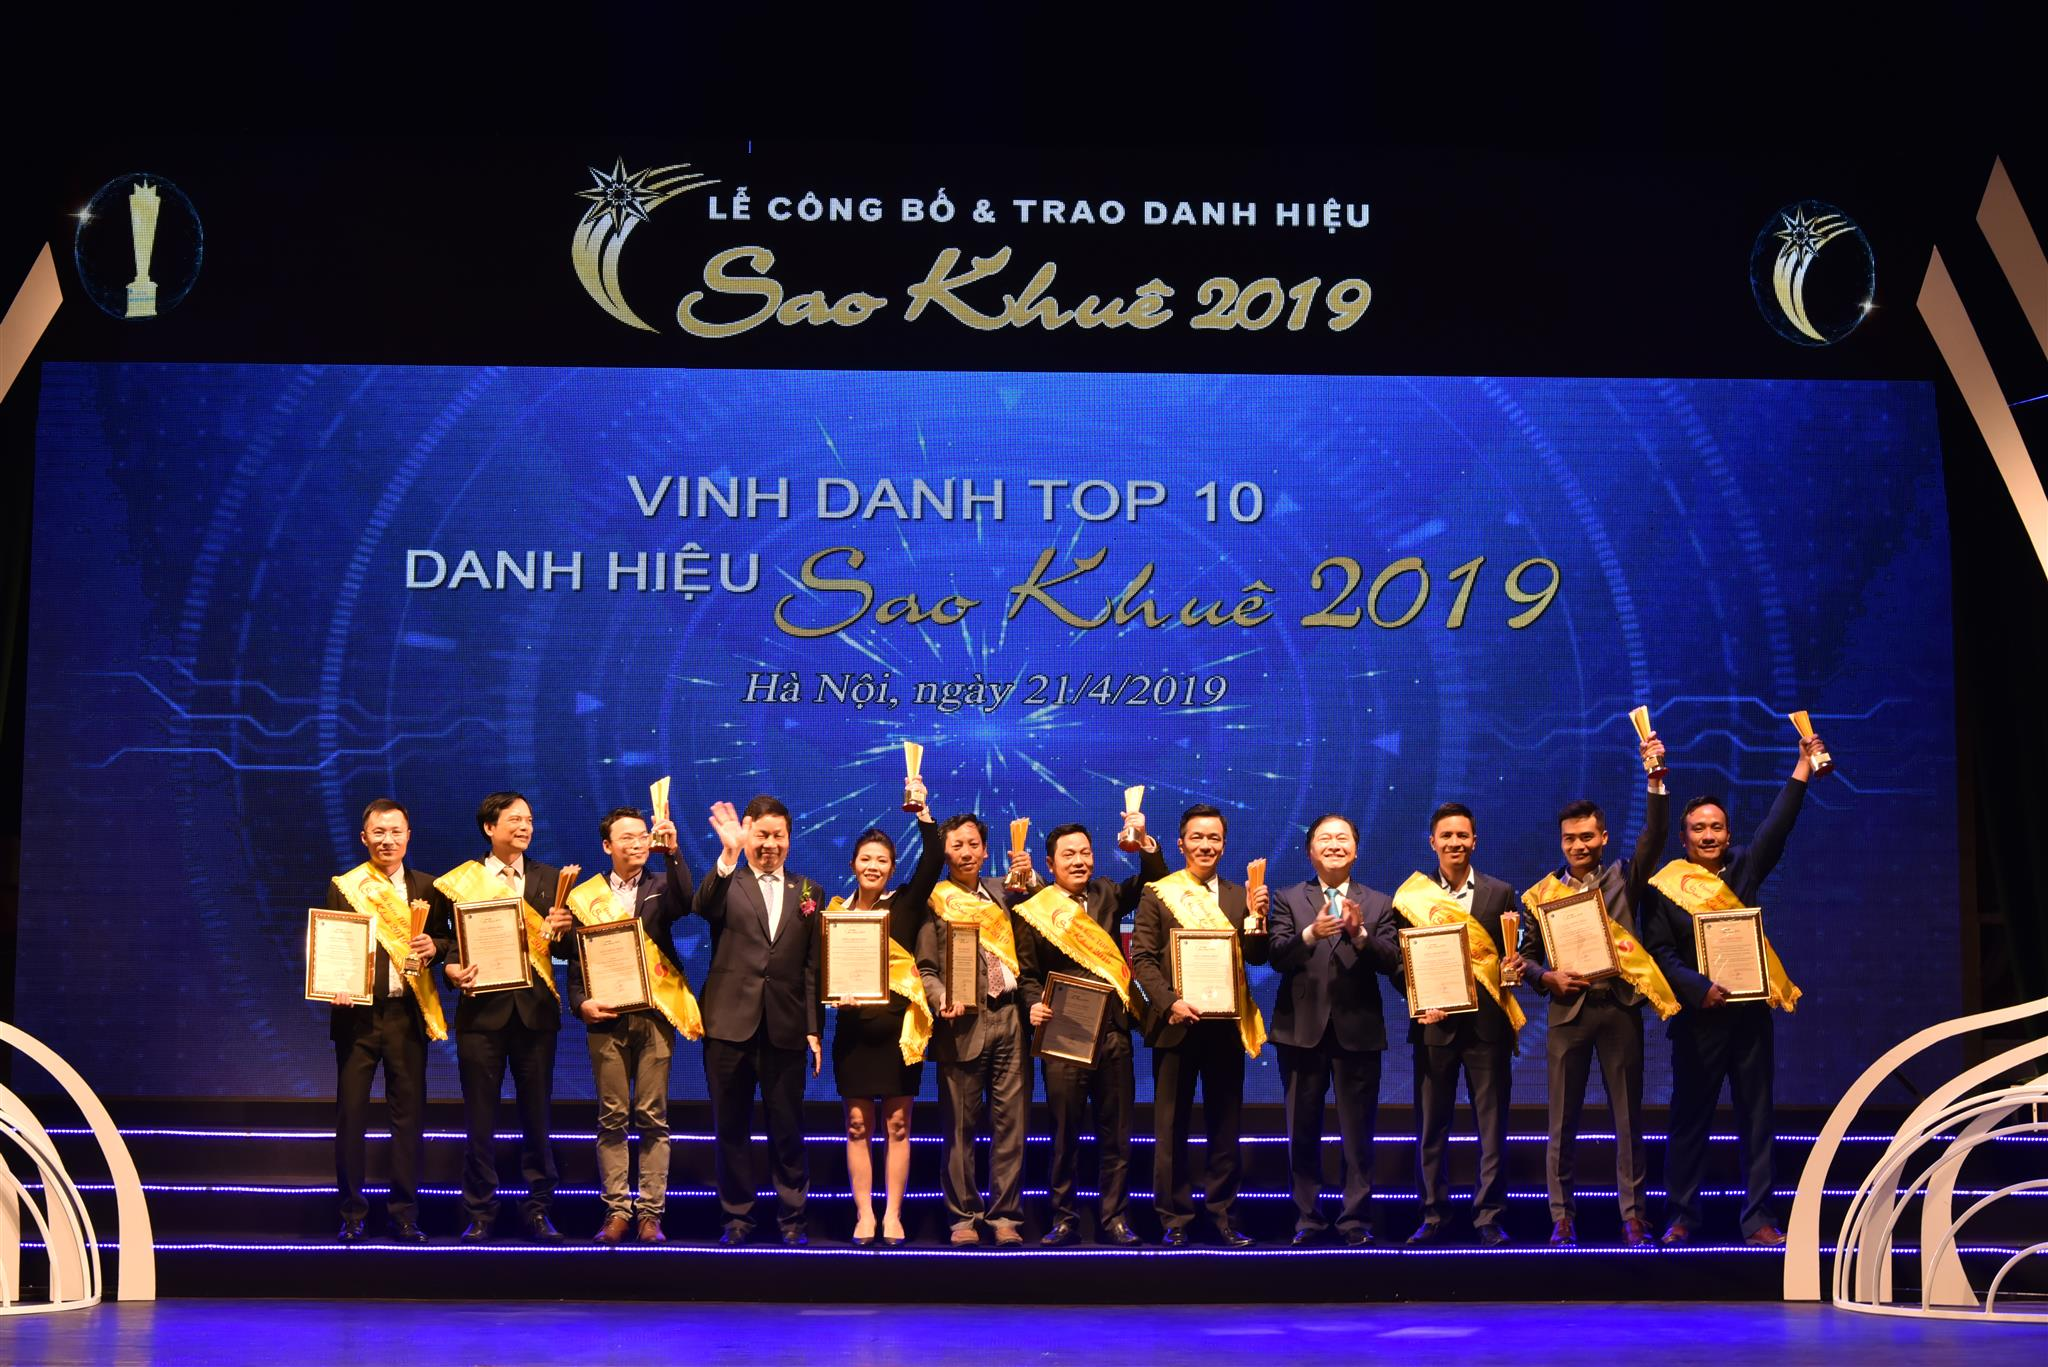 94 sản phẩm, dịch vụ CNTT xuất sắc nhận danh hiệu Sao Khuê 2019